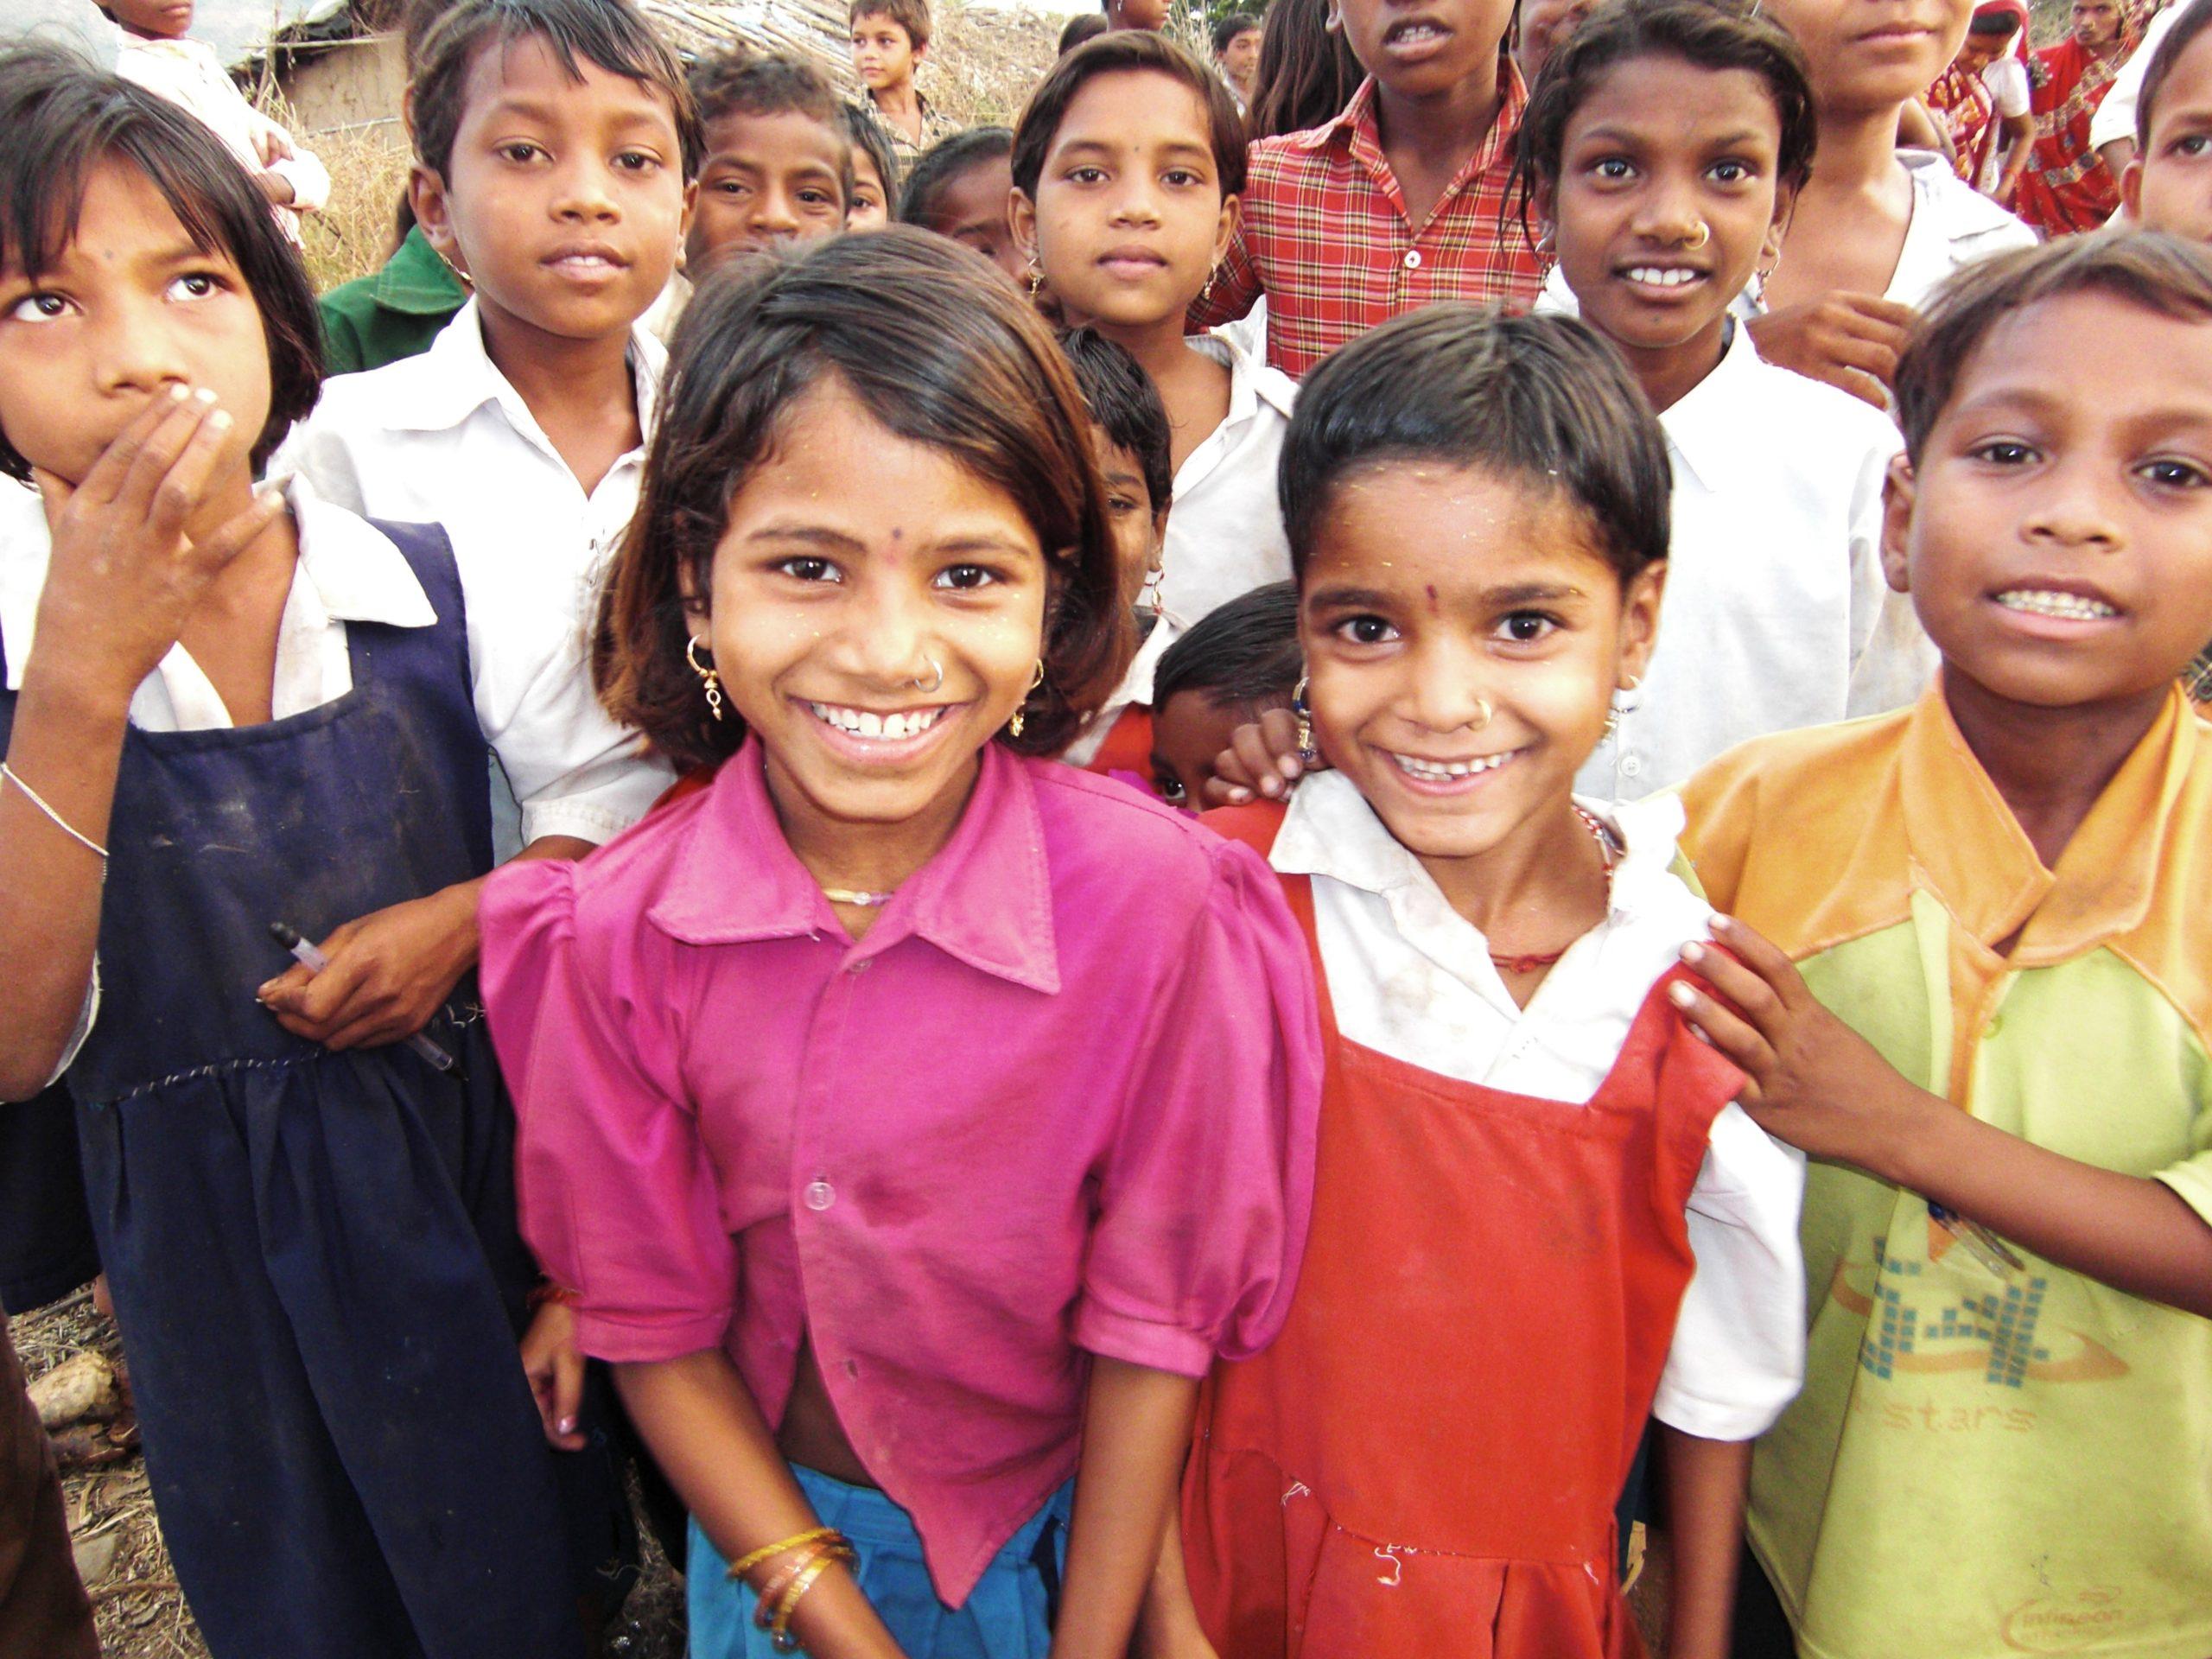 Stor grupp barn som skrattar och ler